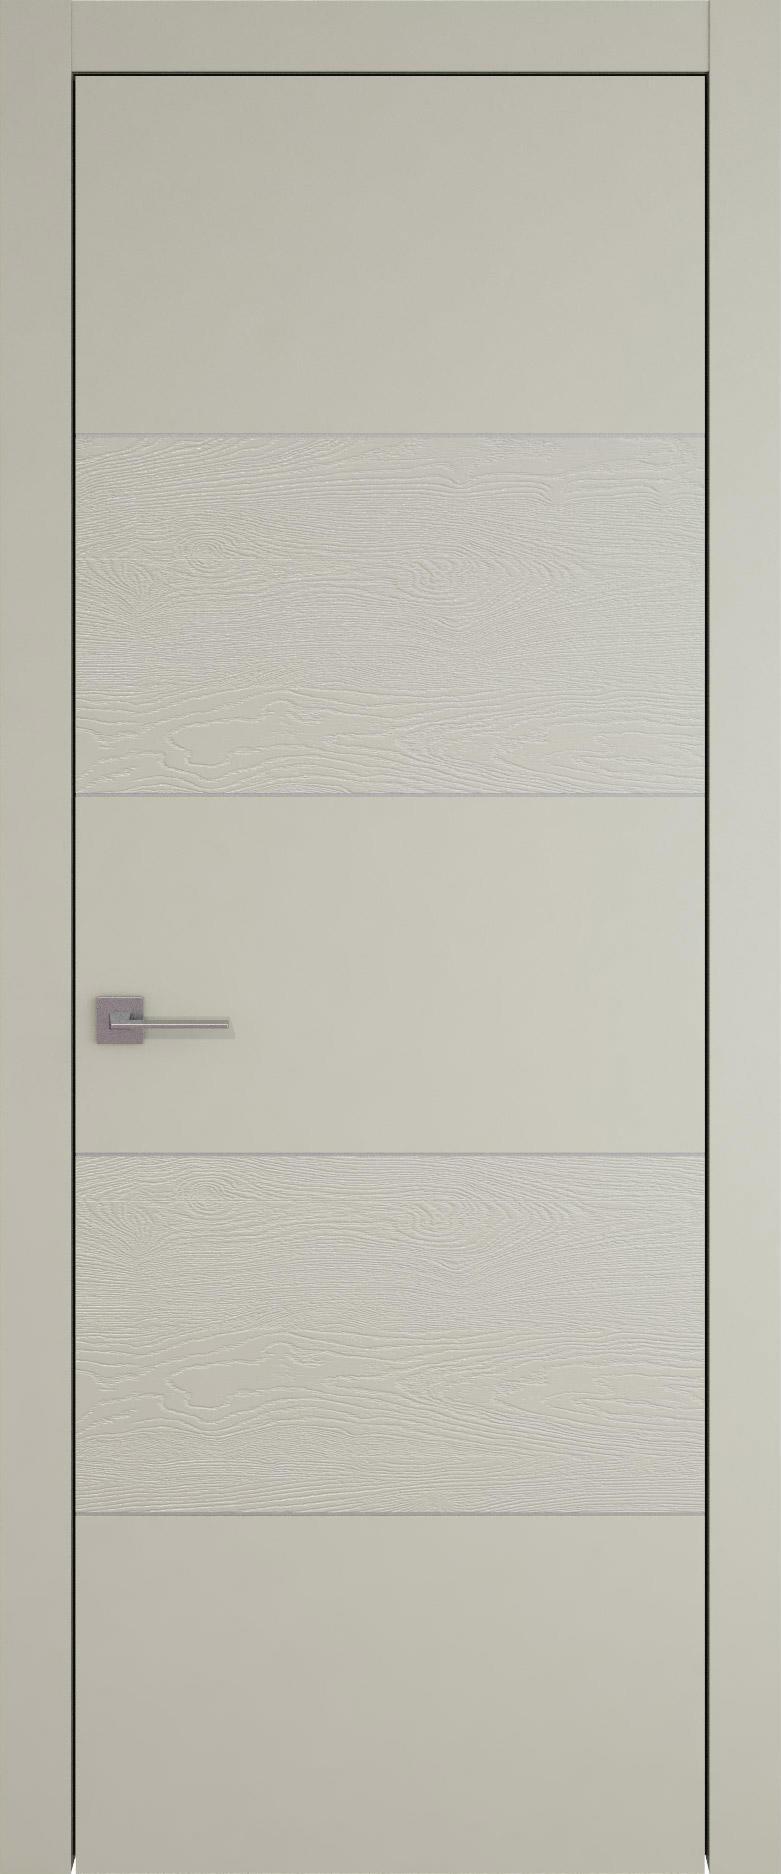 Tivoli Д-2 цвет - Серо-оливковая эмаль-эмаль по шпону (RAL 7032) Без стекла (ДГ)